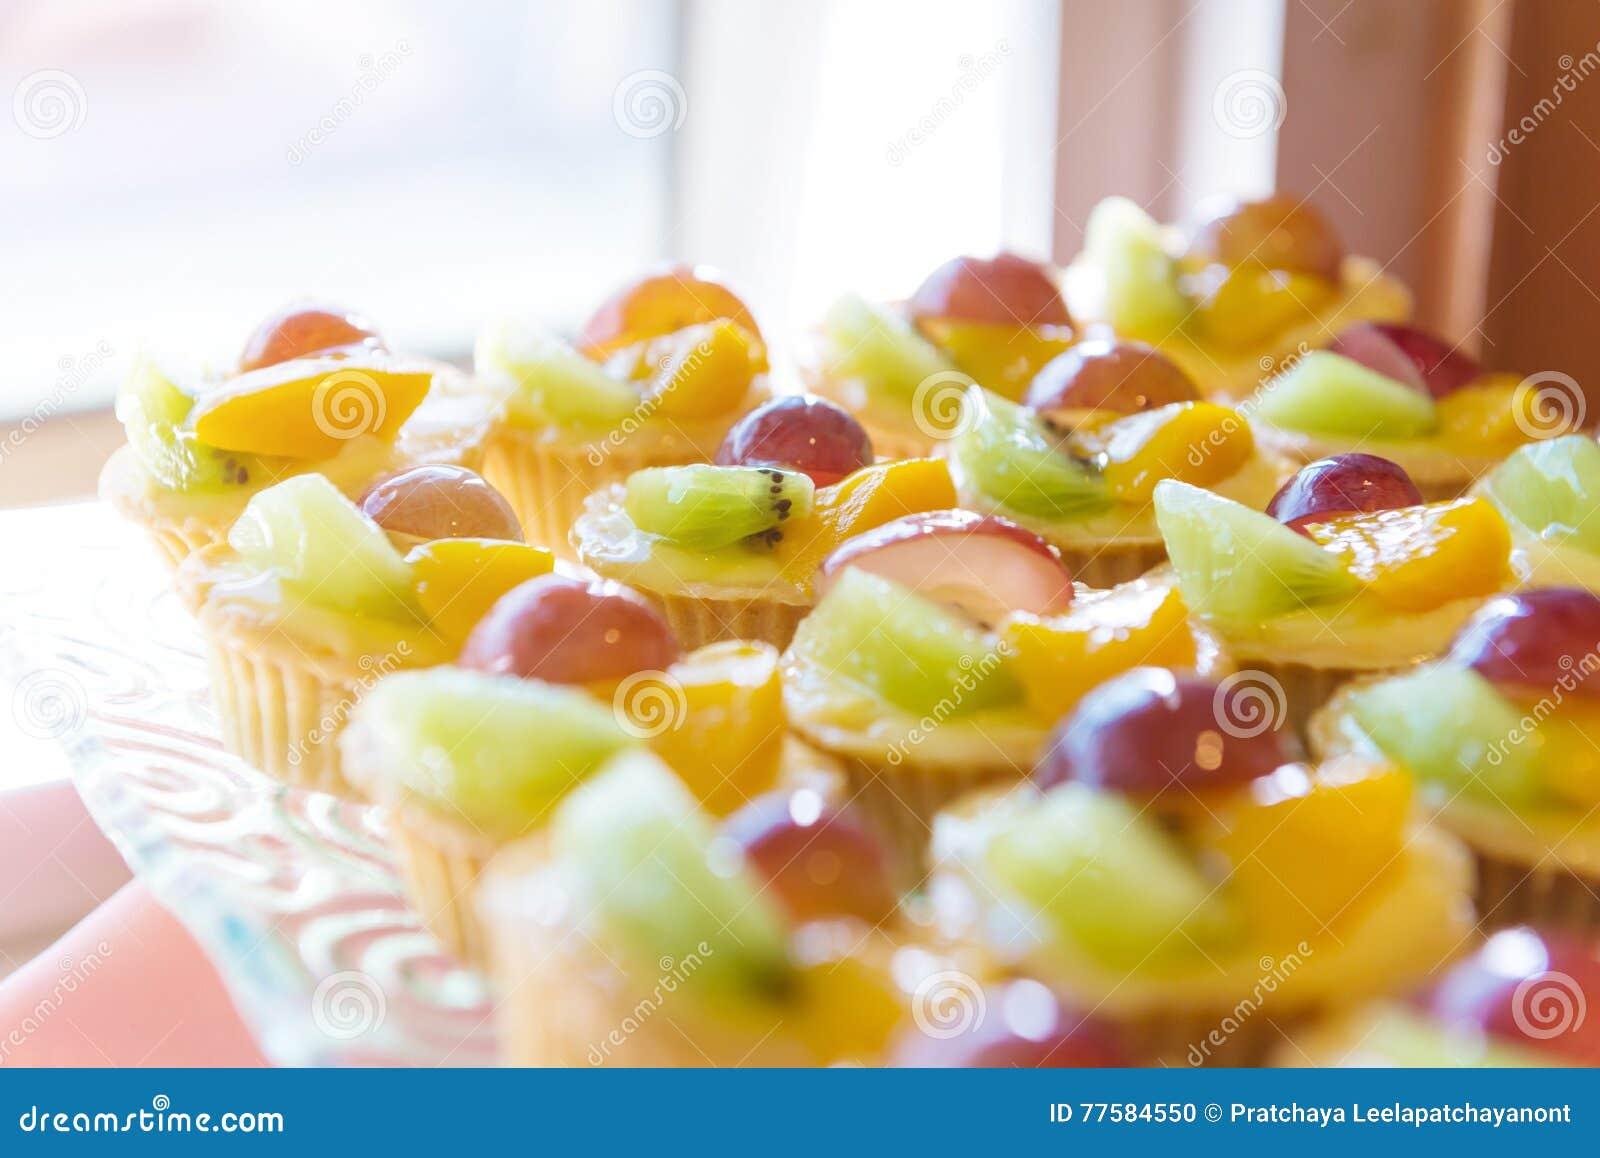 Flan misto della frutta fresca